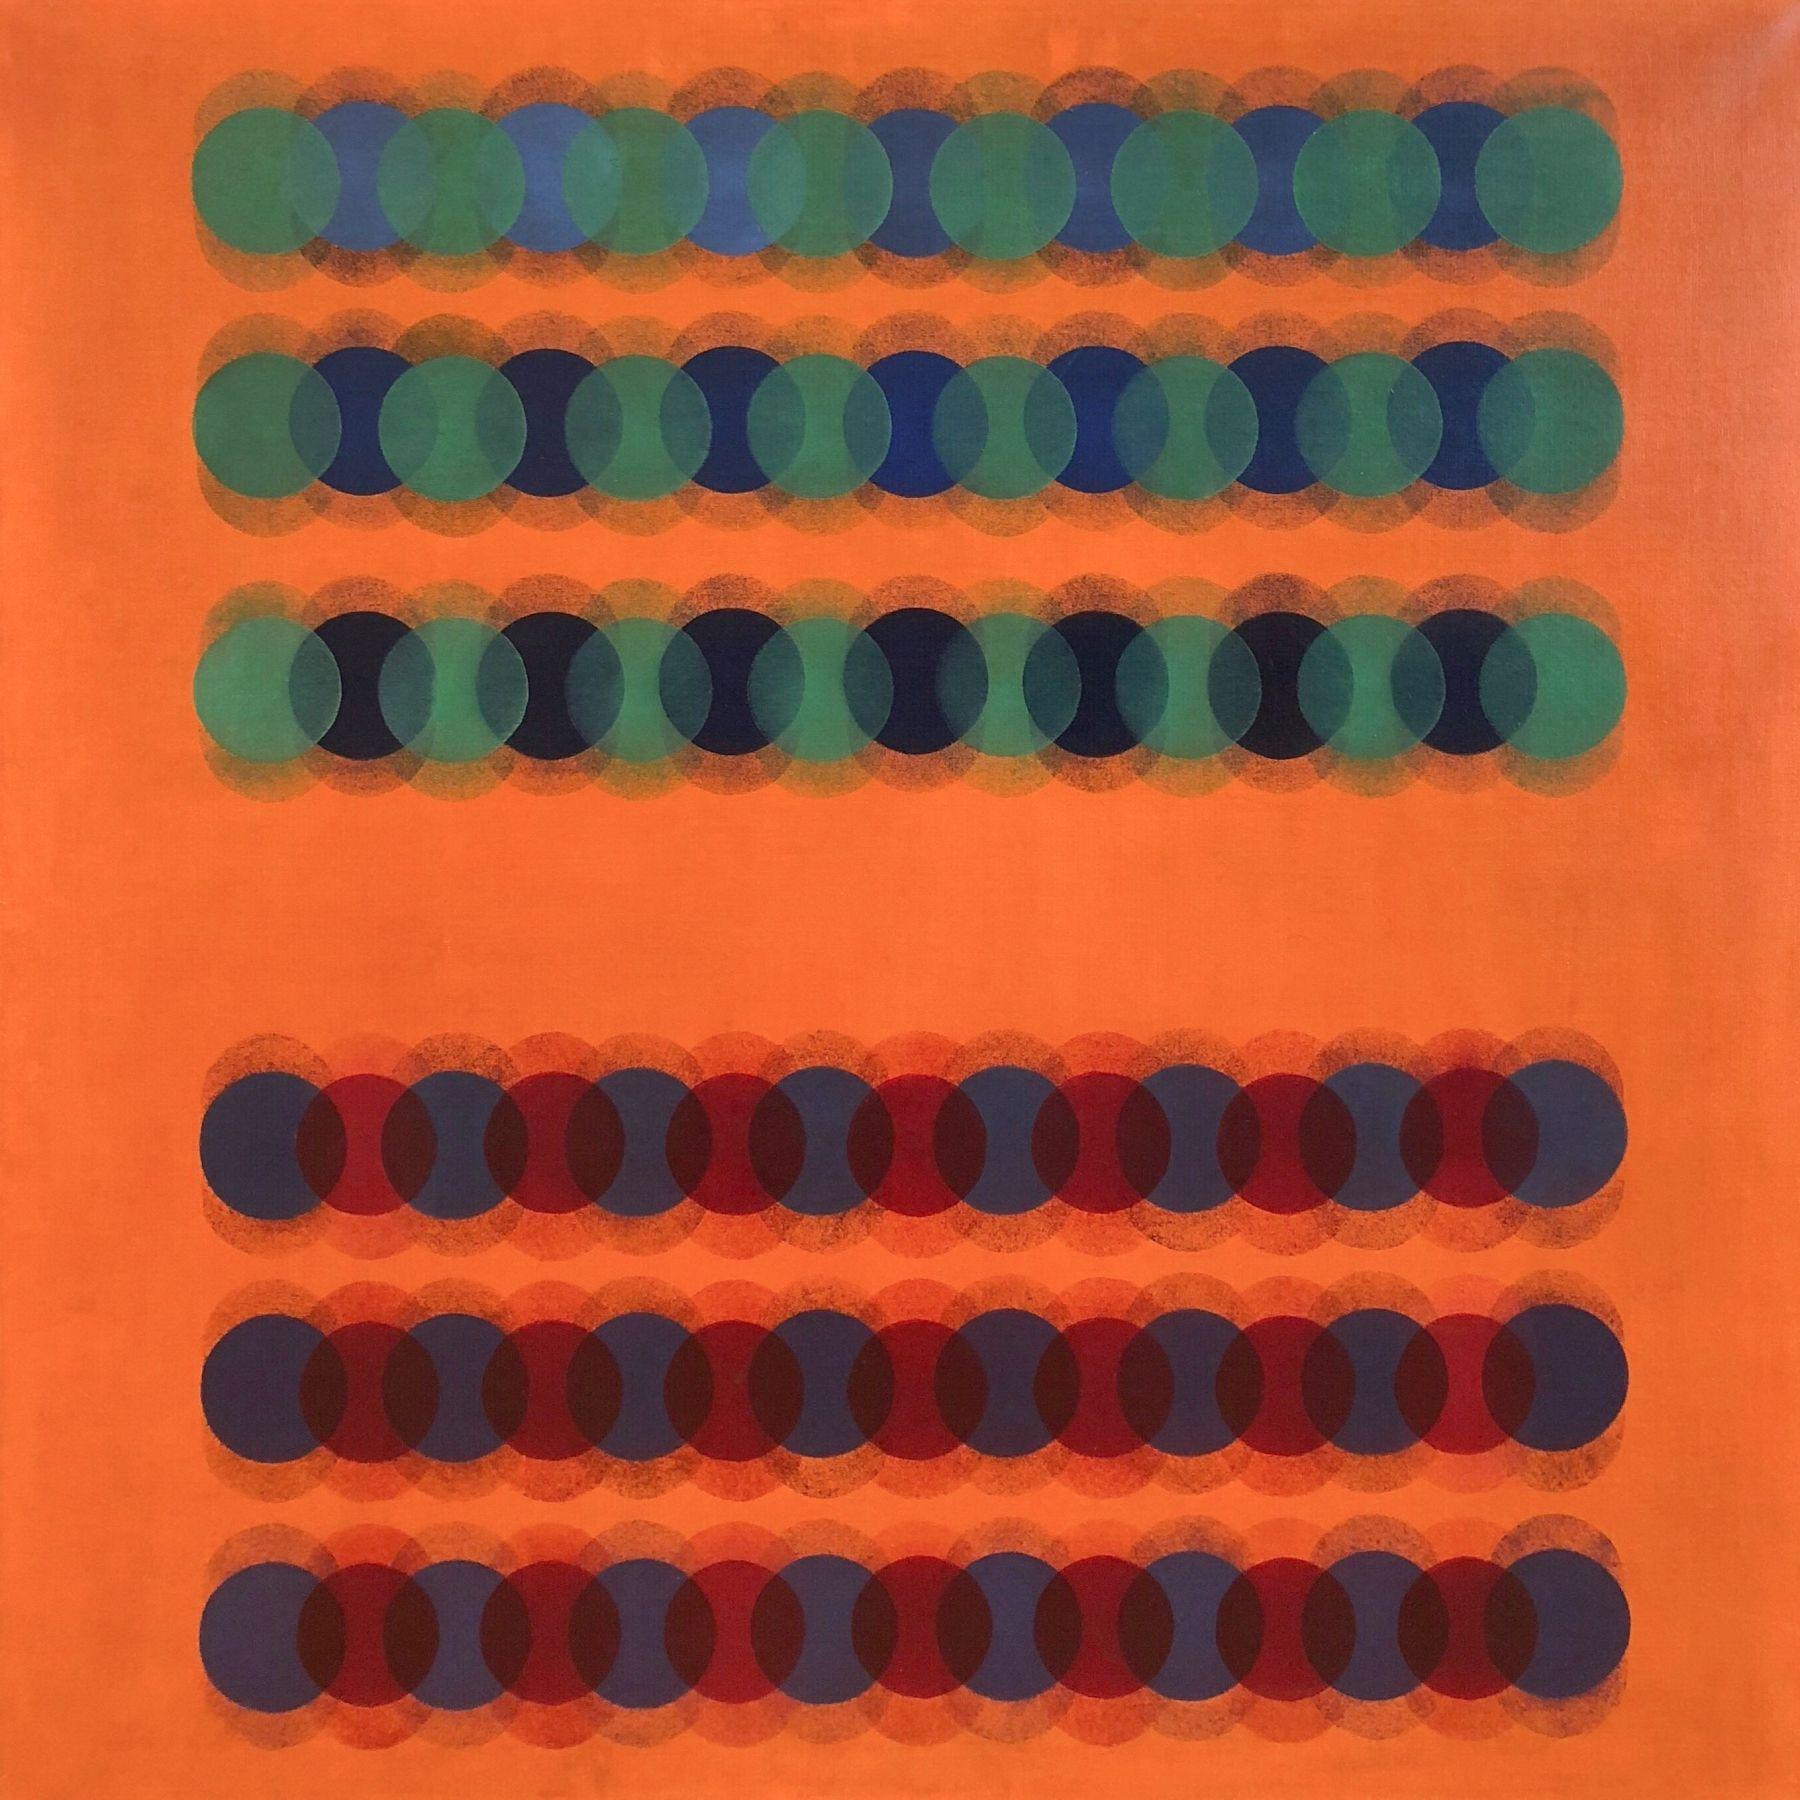 Manuel Espinosa,Almudena, 1966, Oil on canvas,35 3/8 x 35 3/8 in. (90 x 90 cm.)